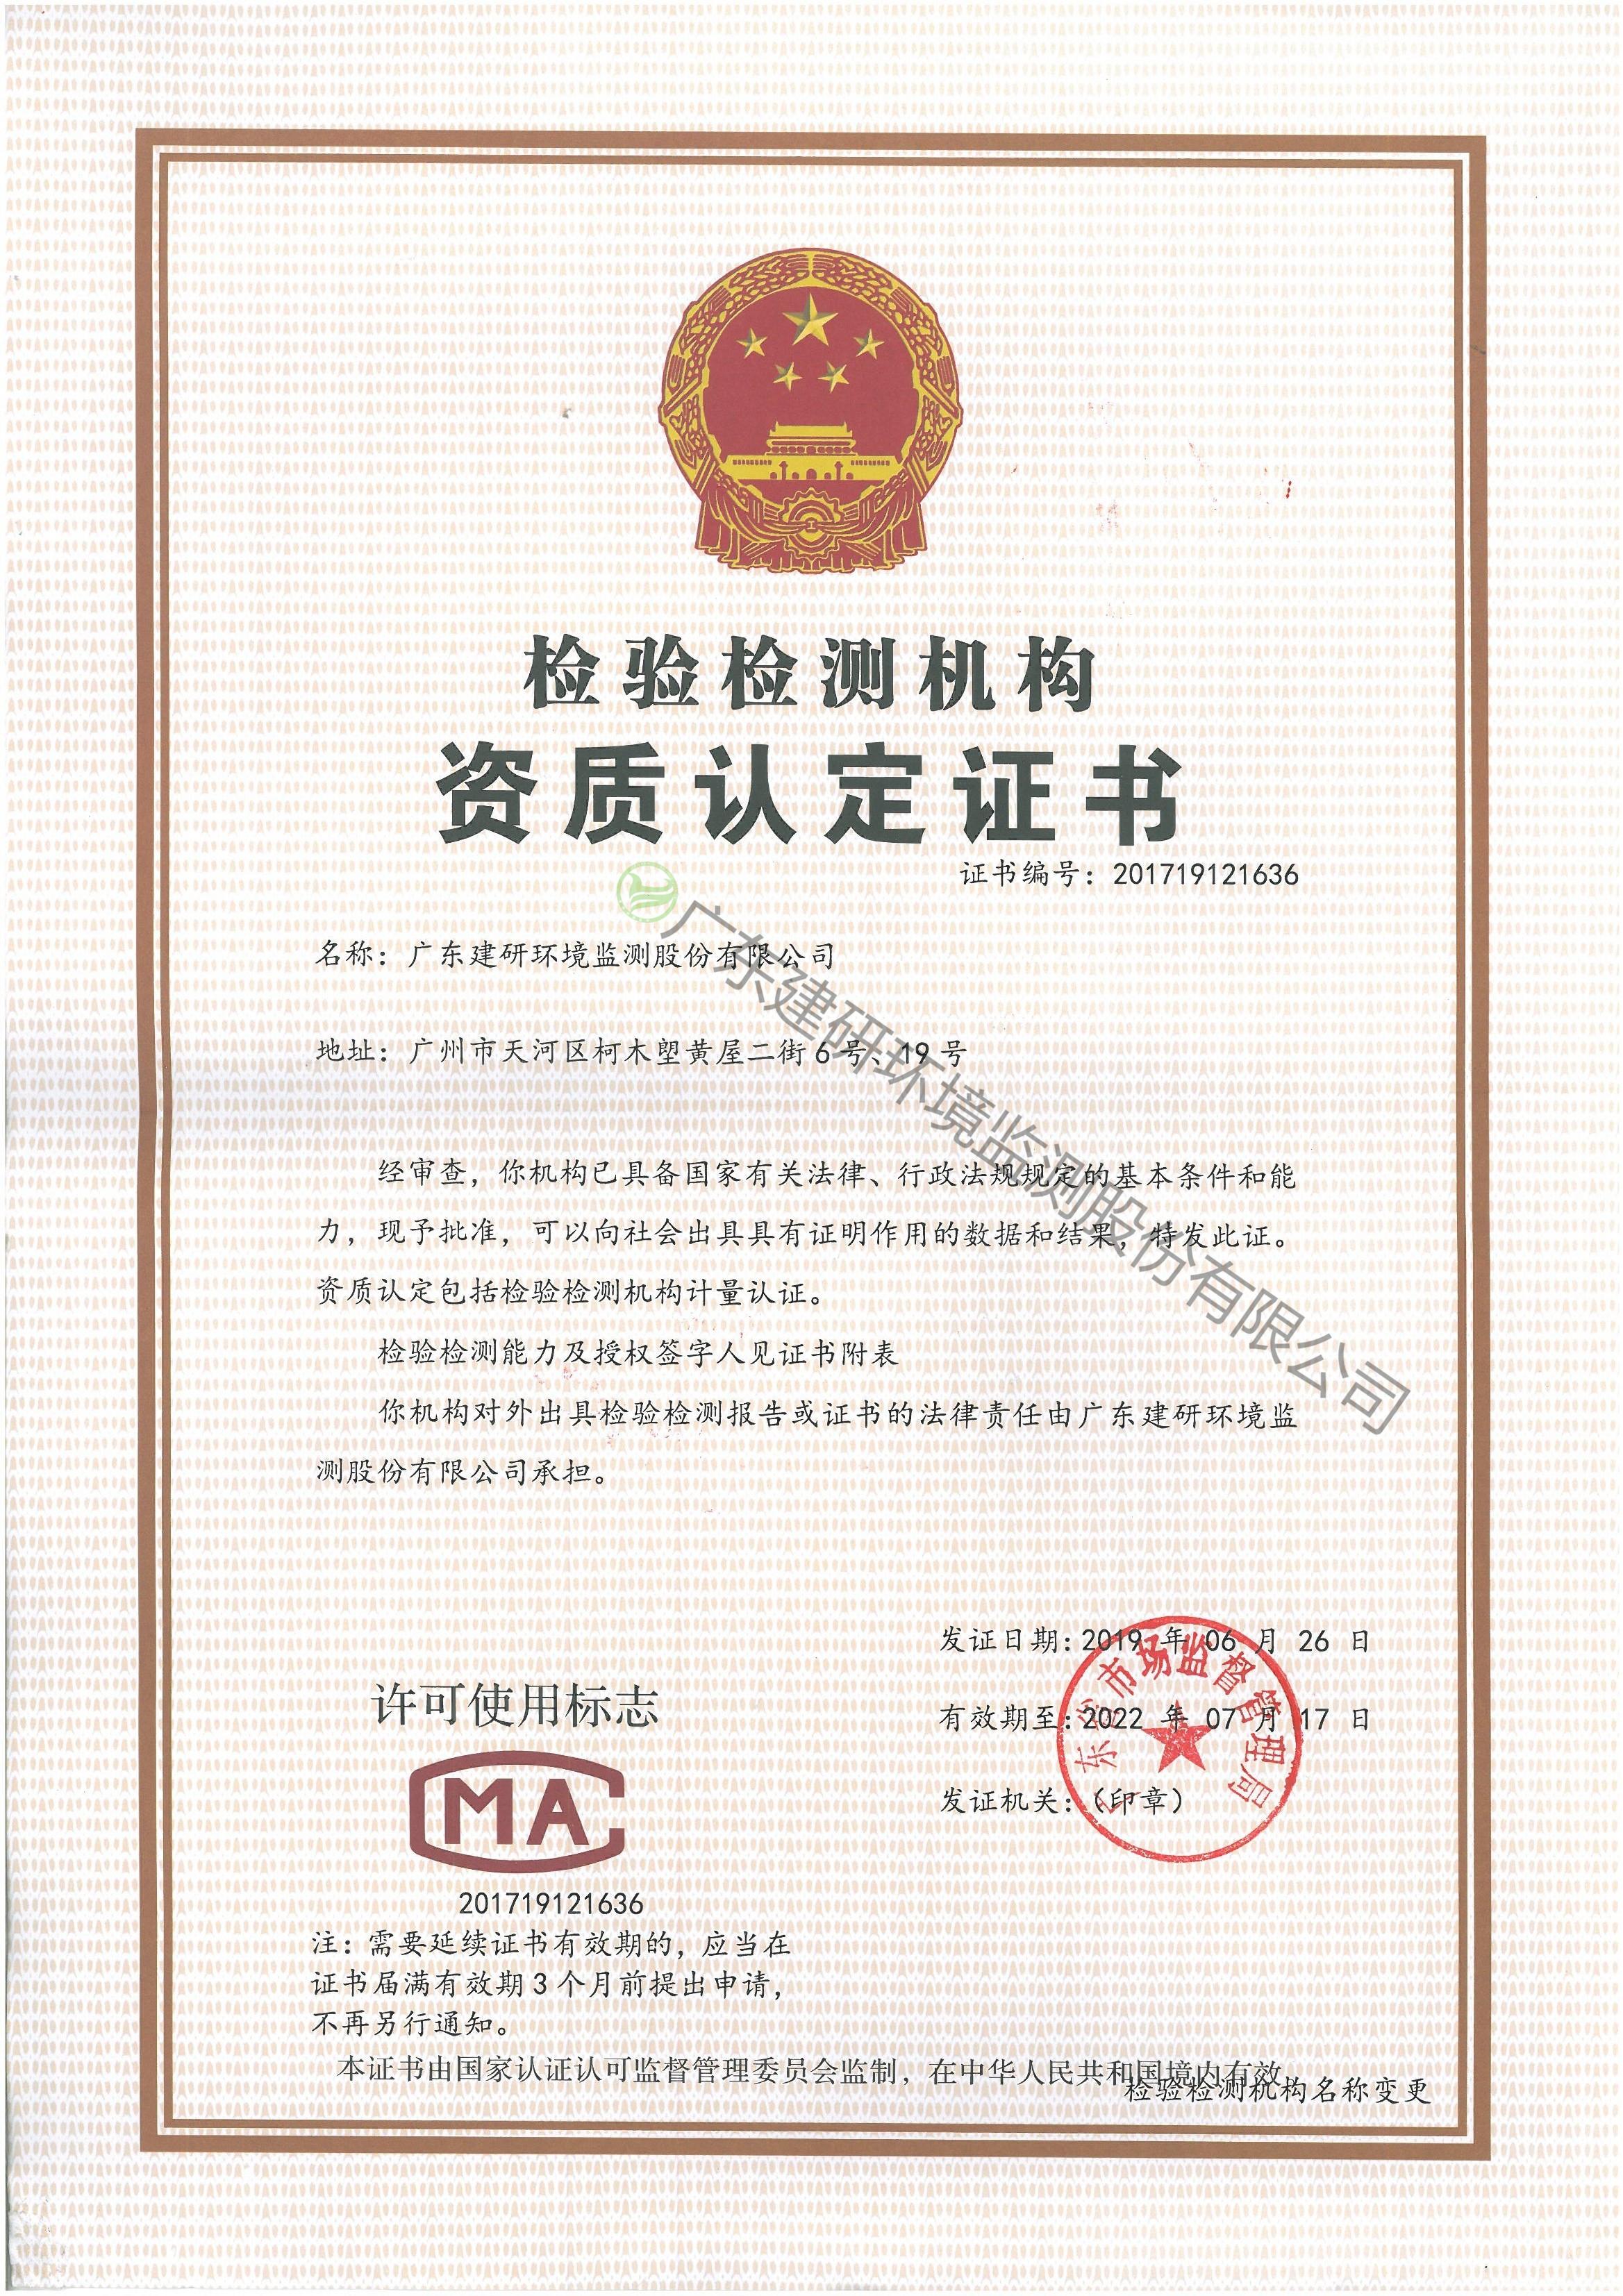 建研环境监测-CMA资质证书